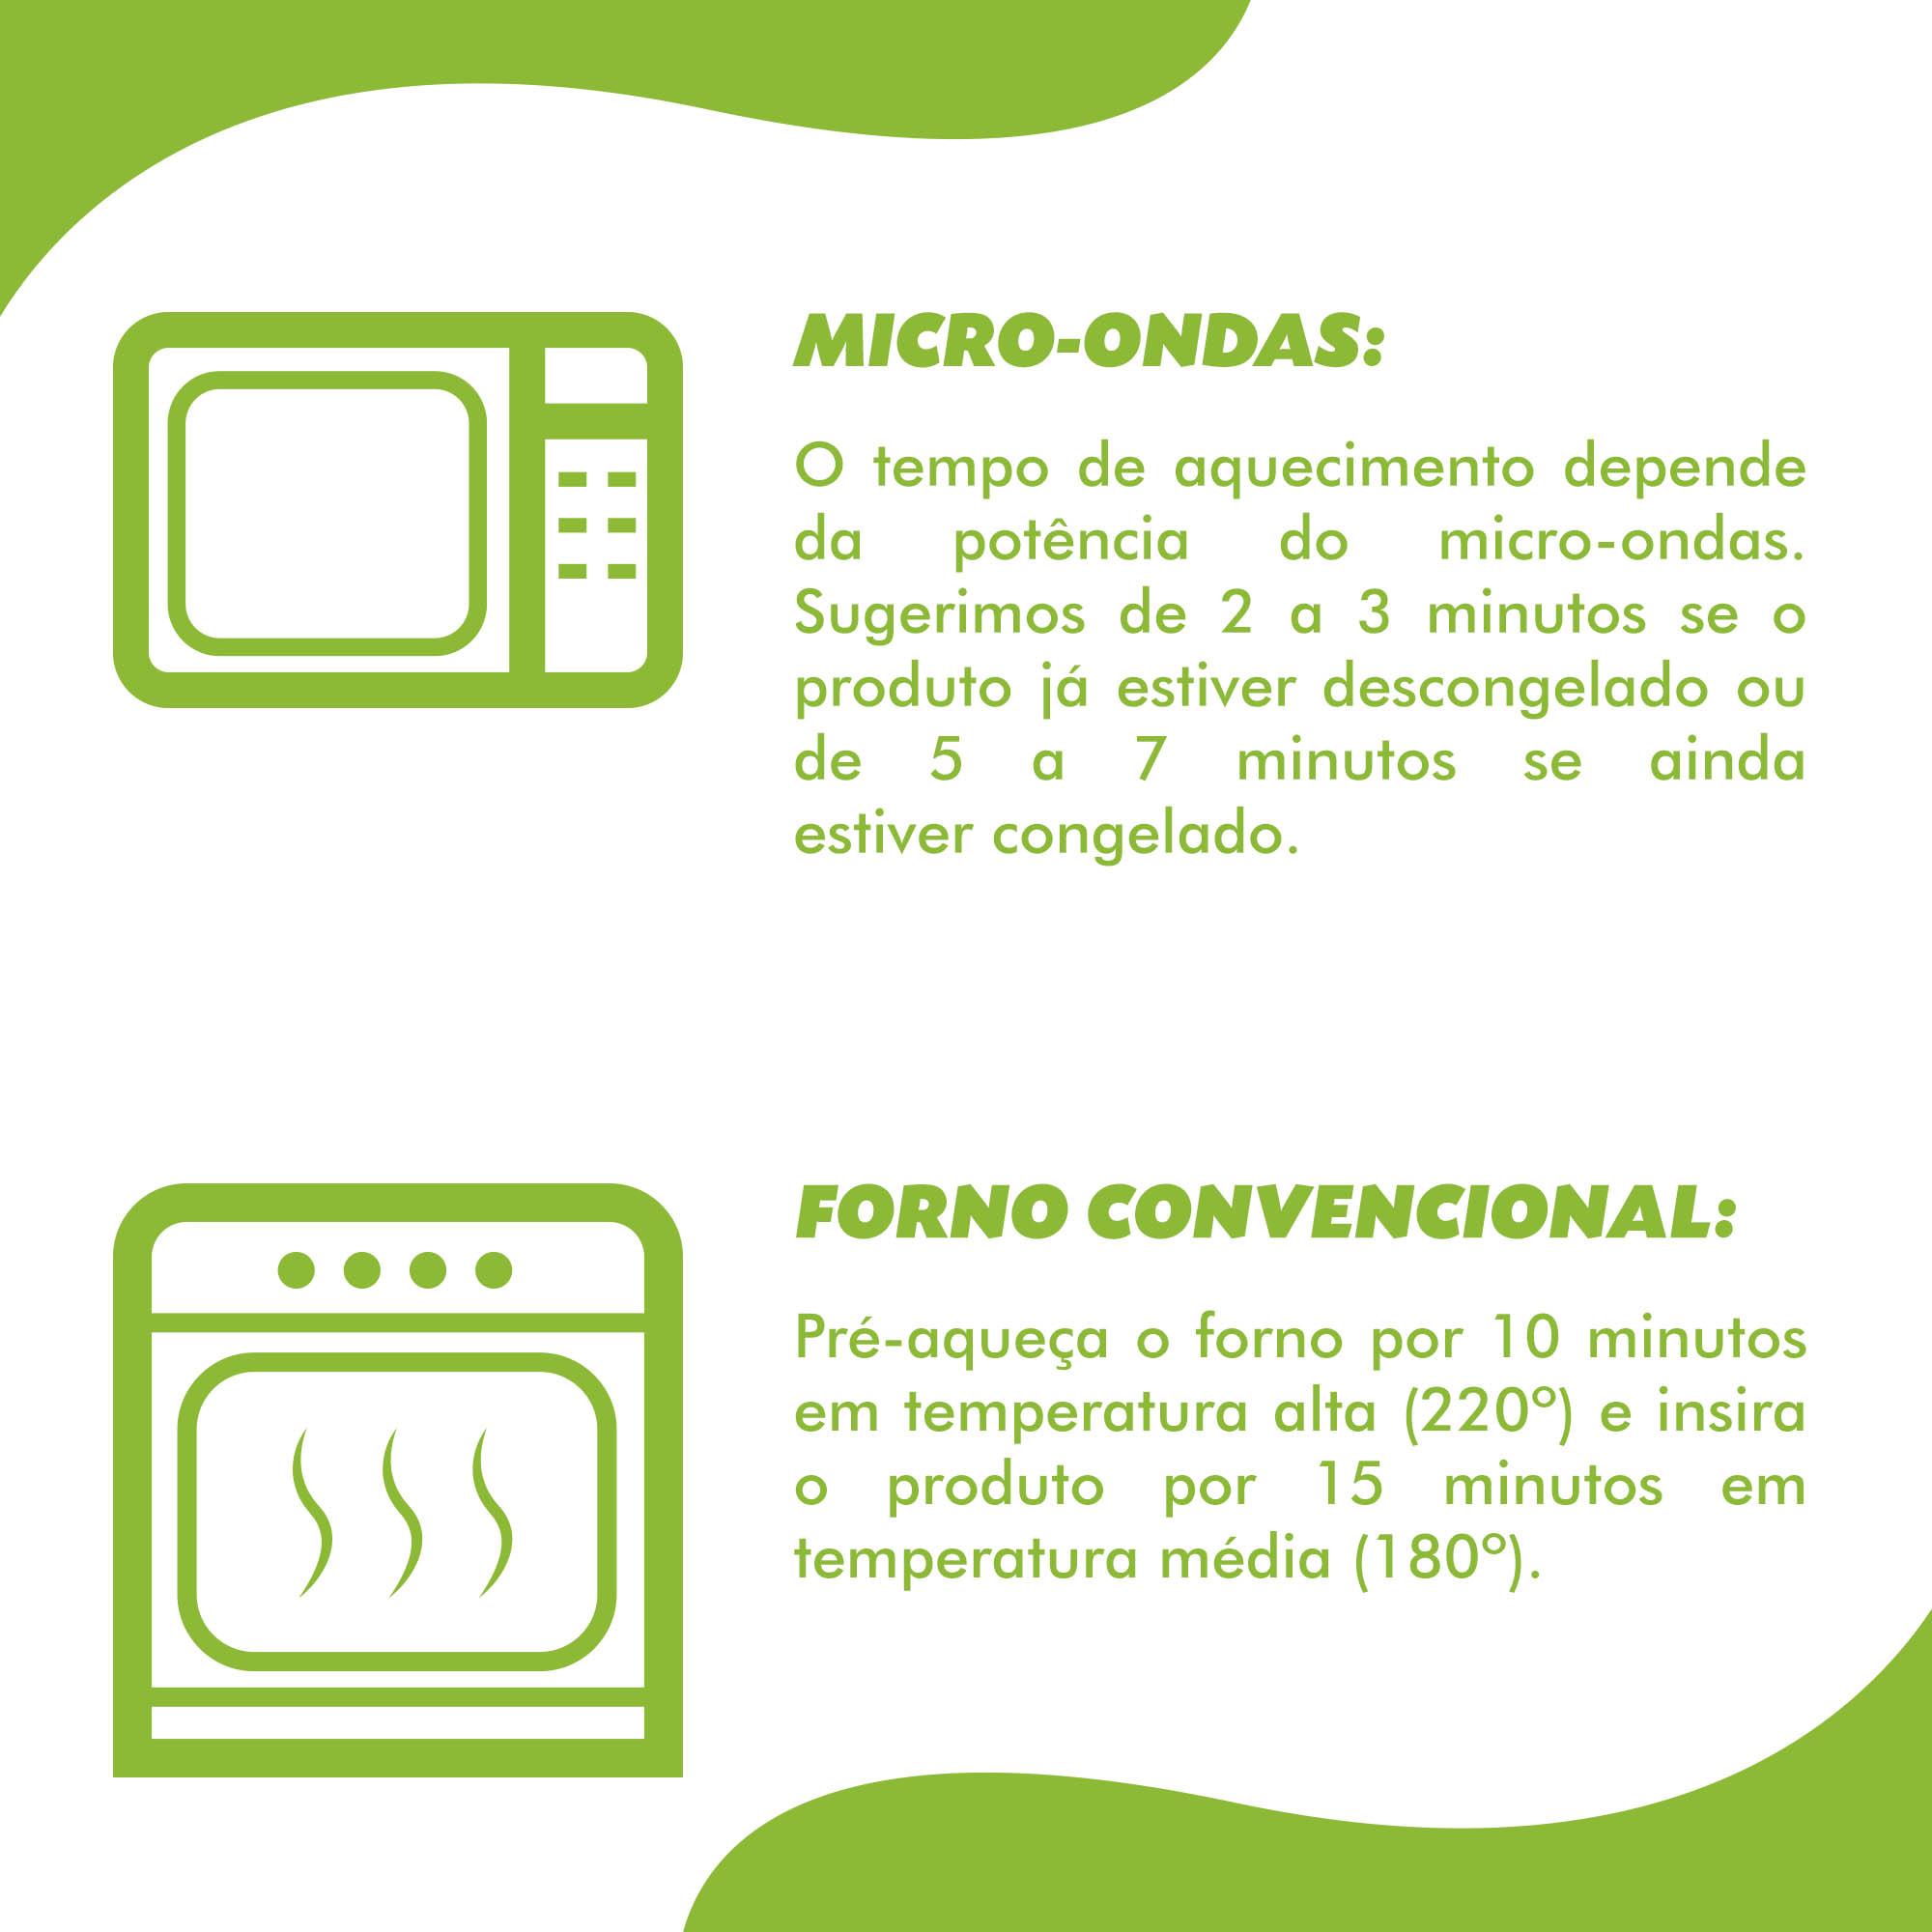 Carne moída + Abobora refogada + Vagem ao forno (280g)